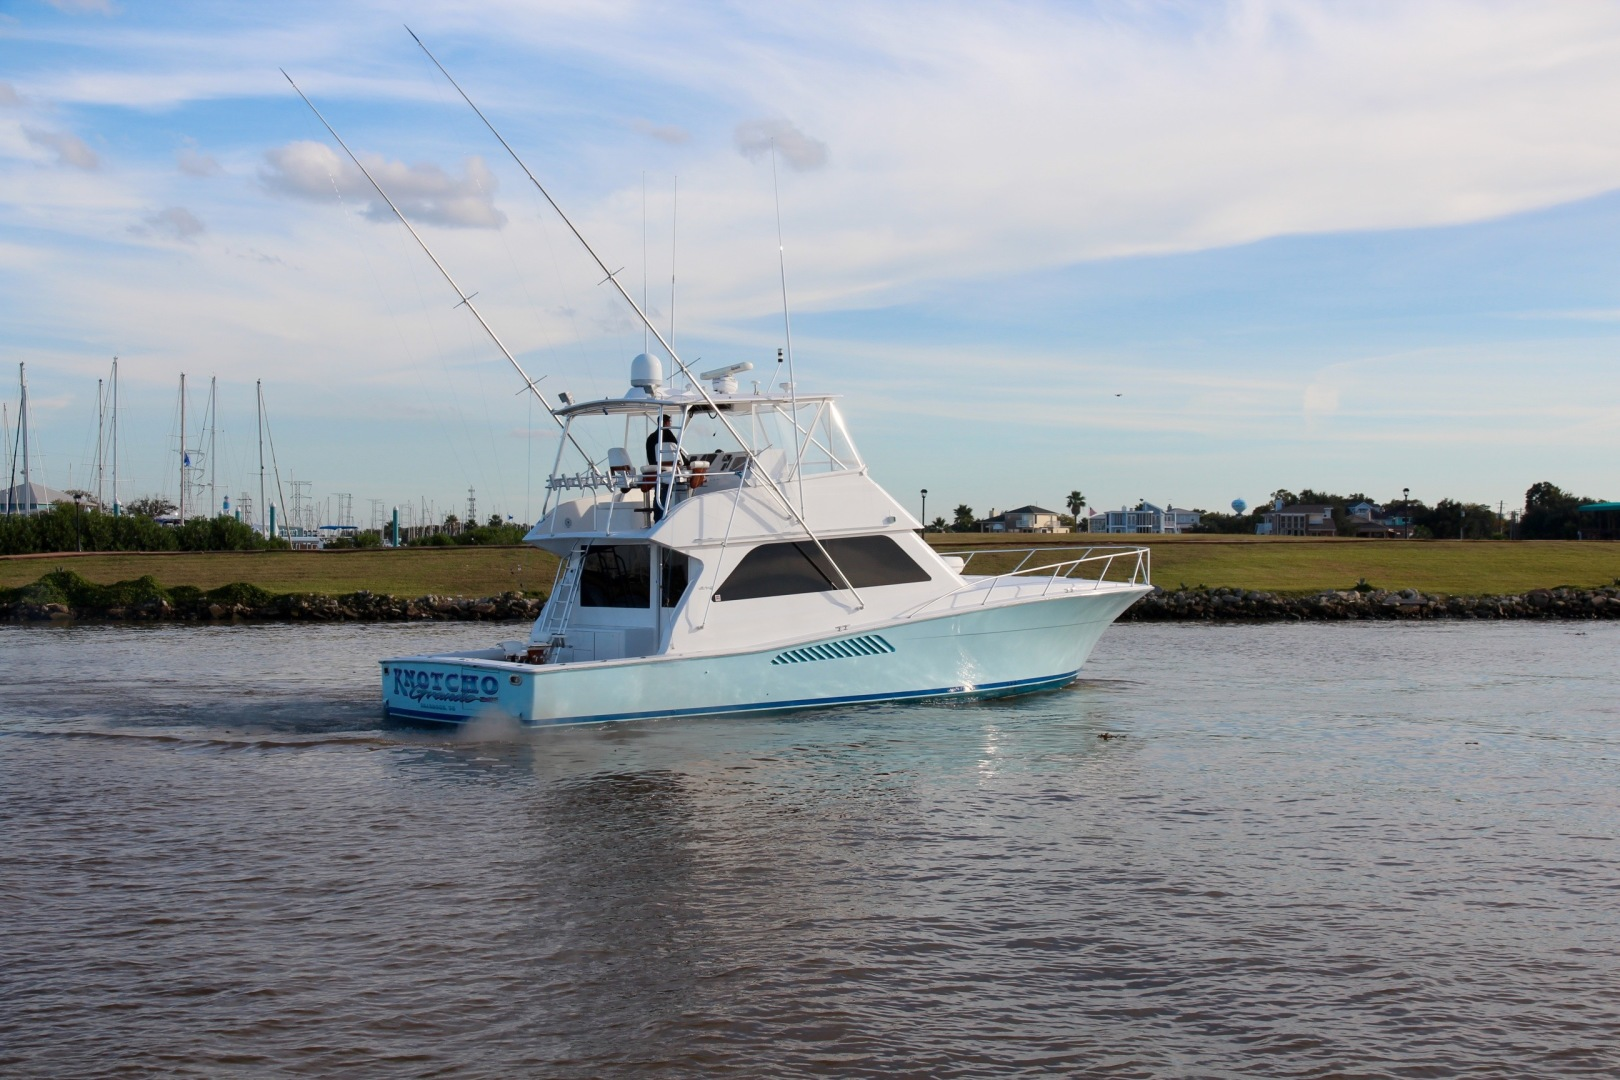 Viking-50 Convertible 2000-Knotcho Grande Seabrook-Texas-United States-Viking Convertible 2000 Knotcho Grande-1266659   Thumbnail